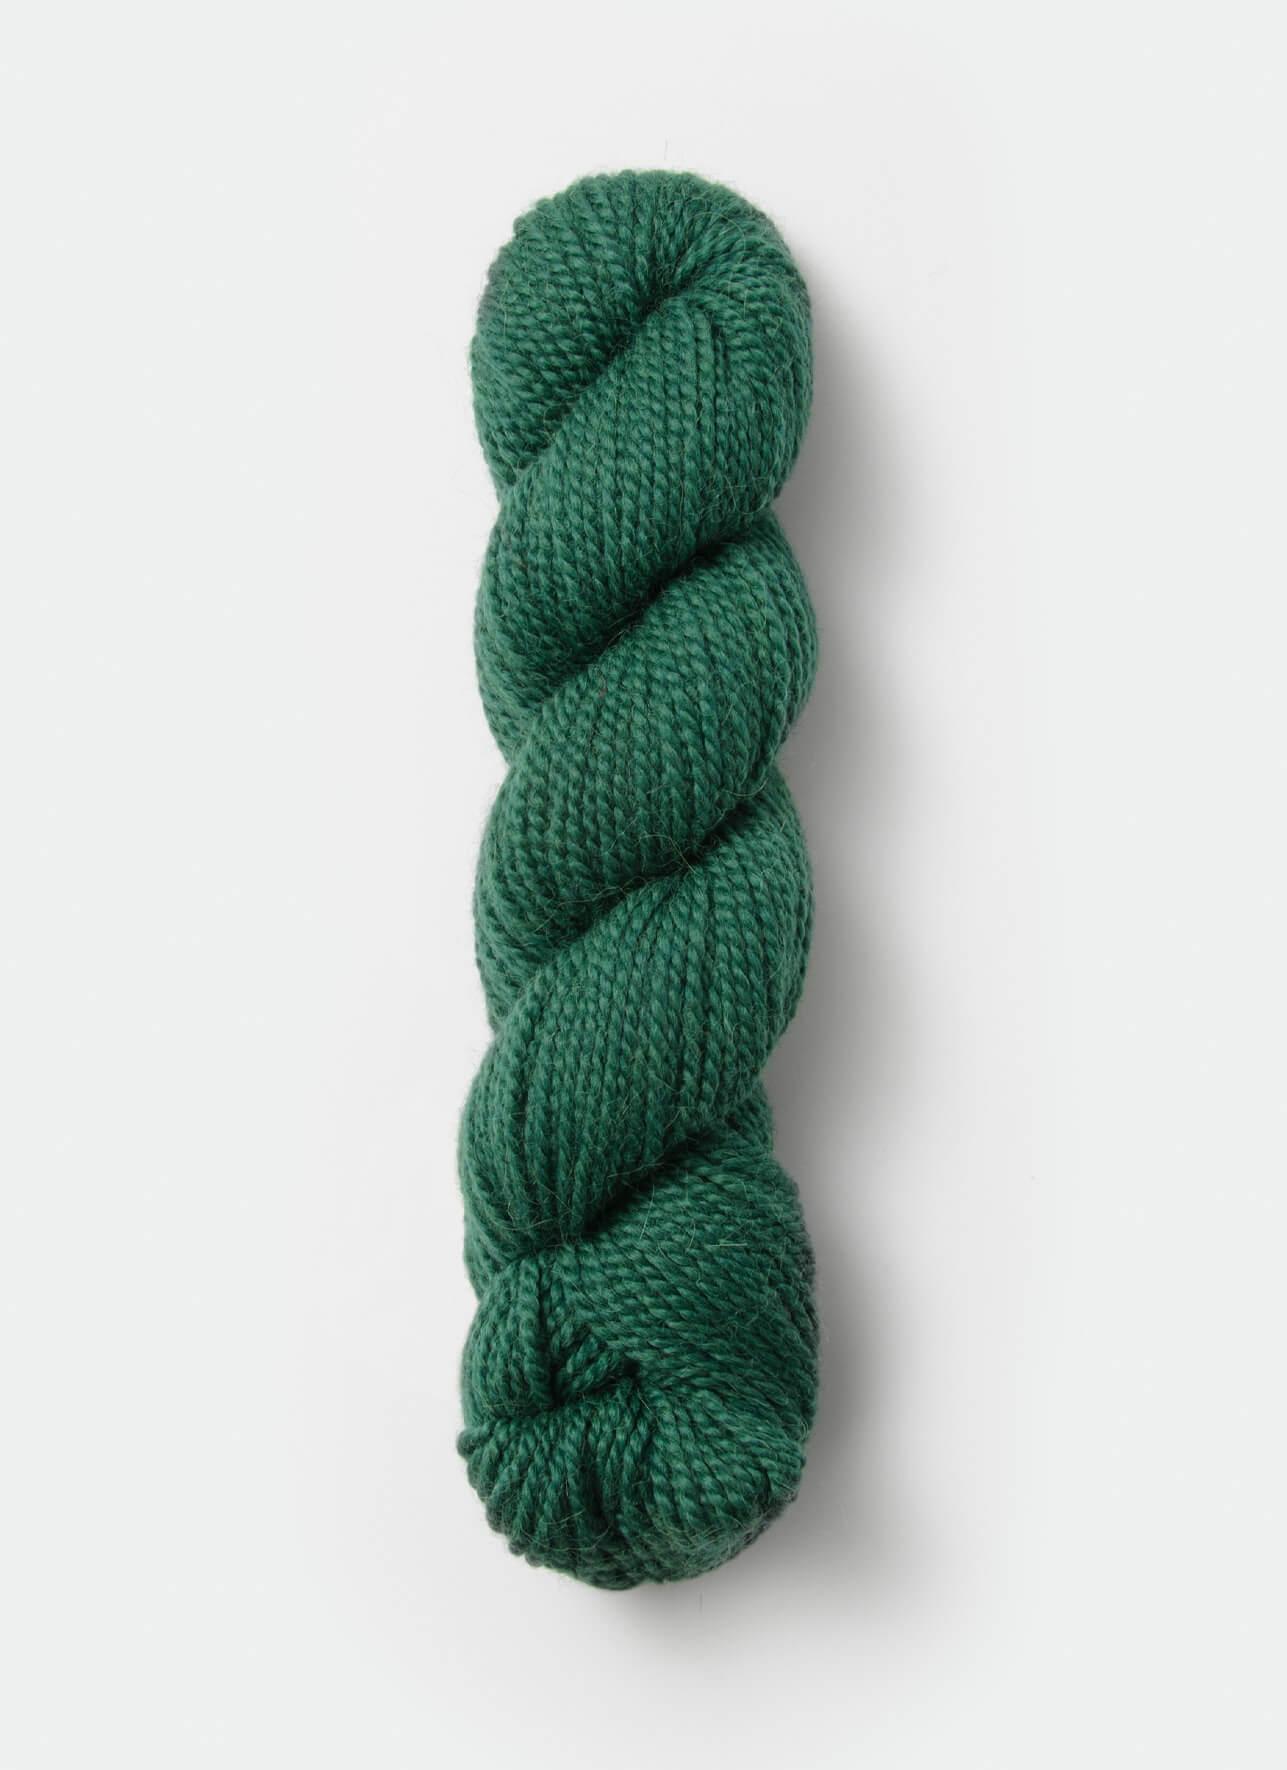 No. 544: Emerald